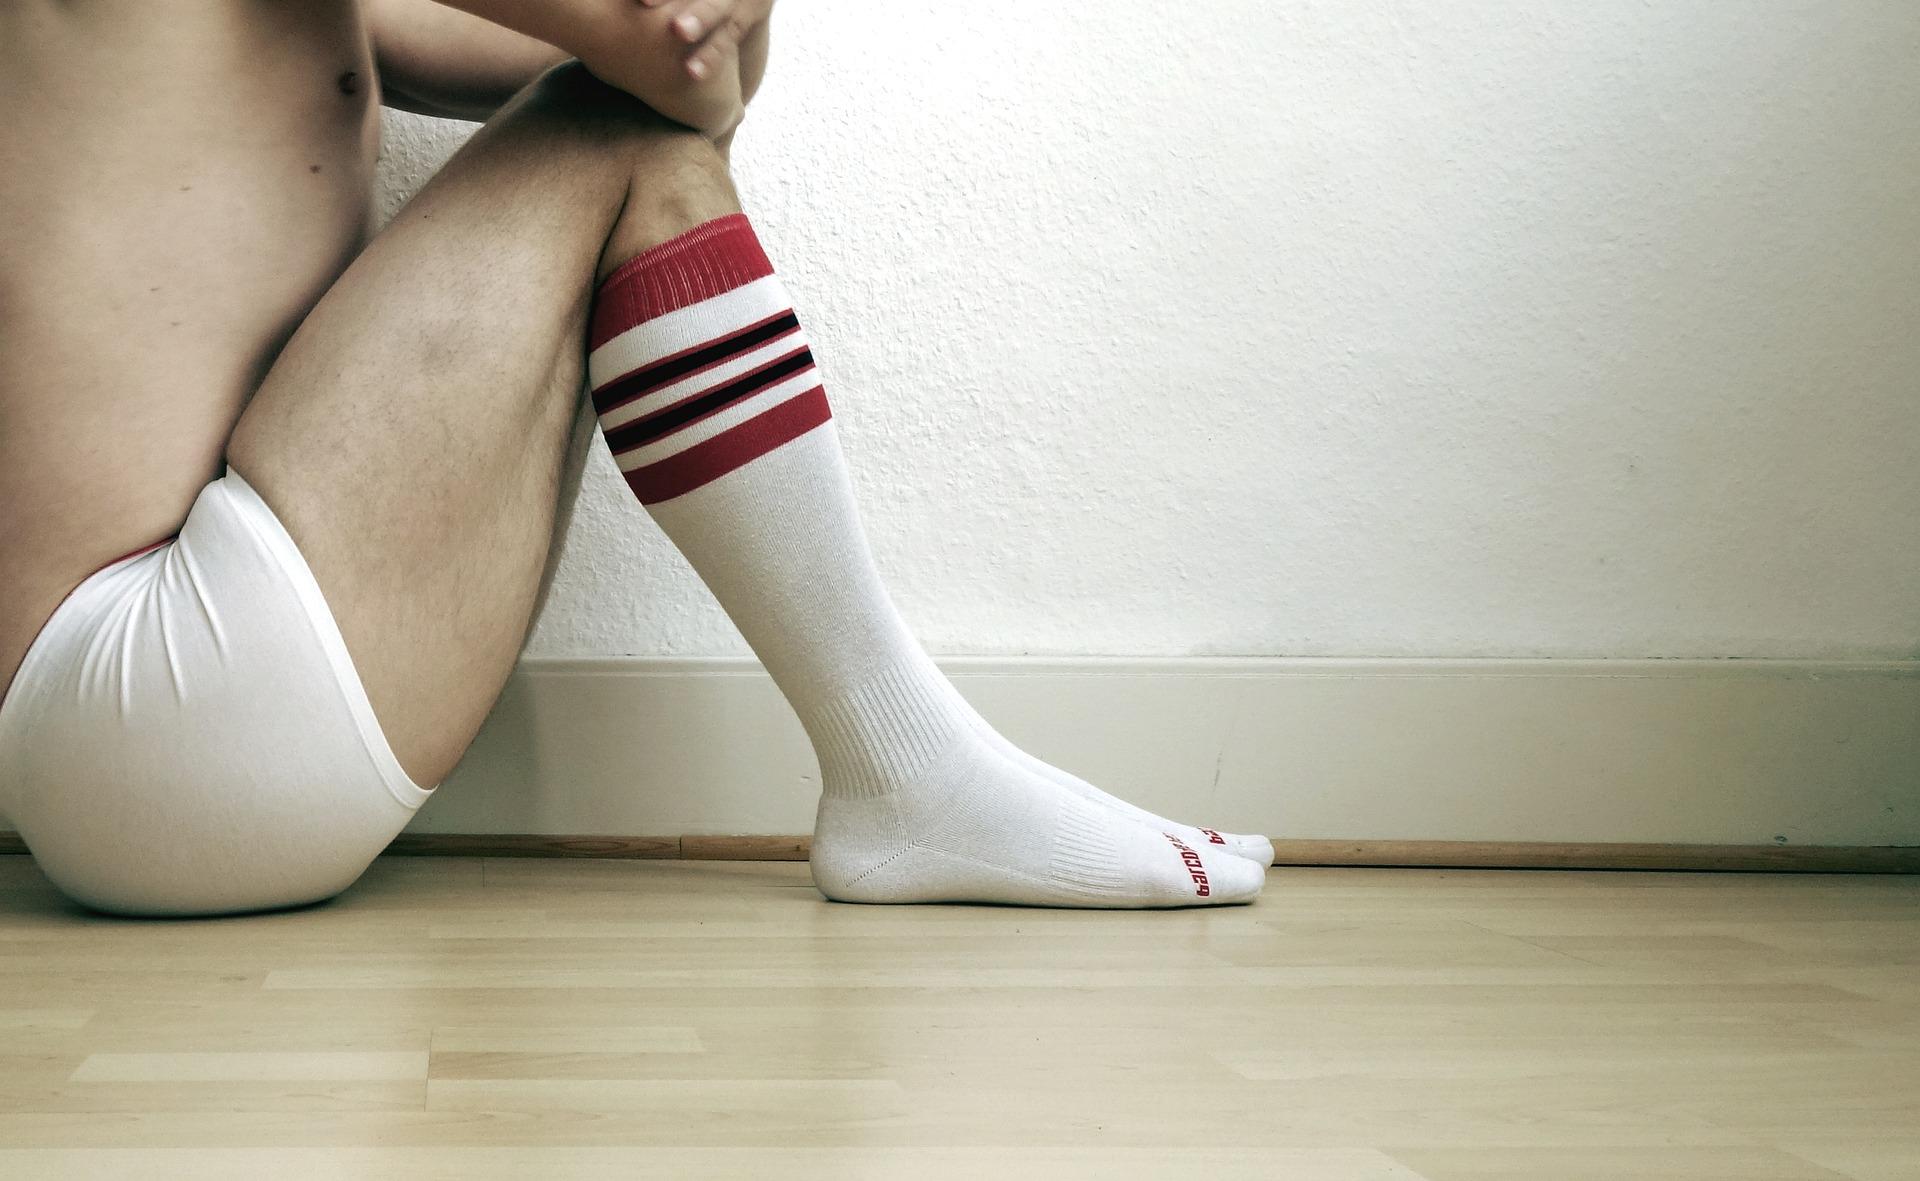 Weisse Socken - Ein Trend?